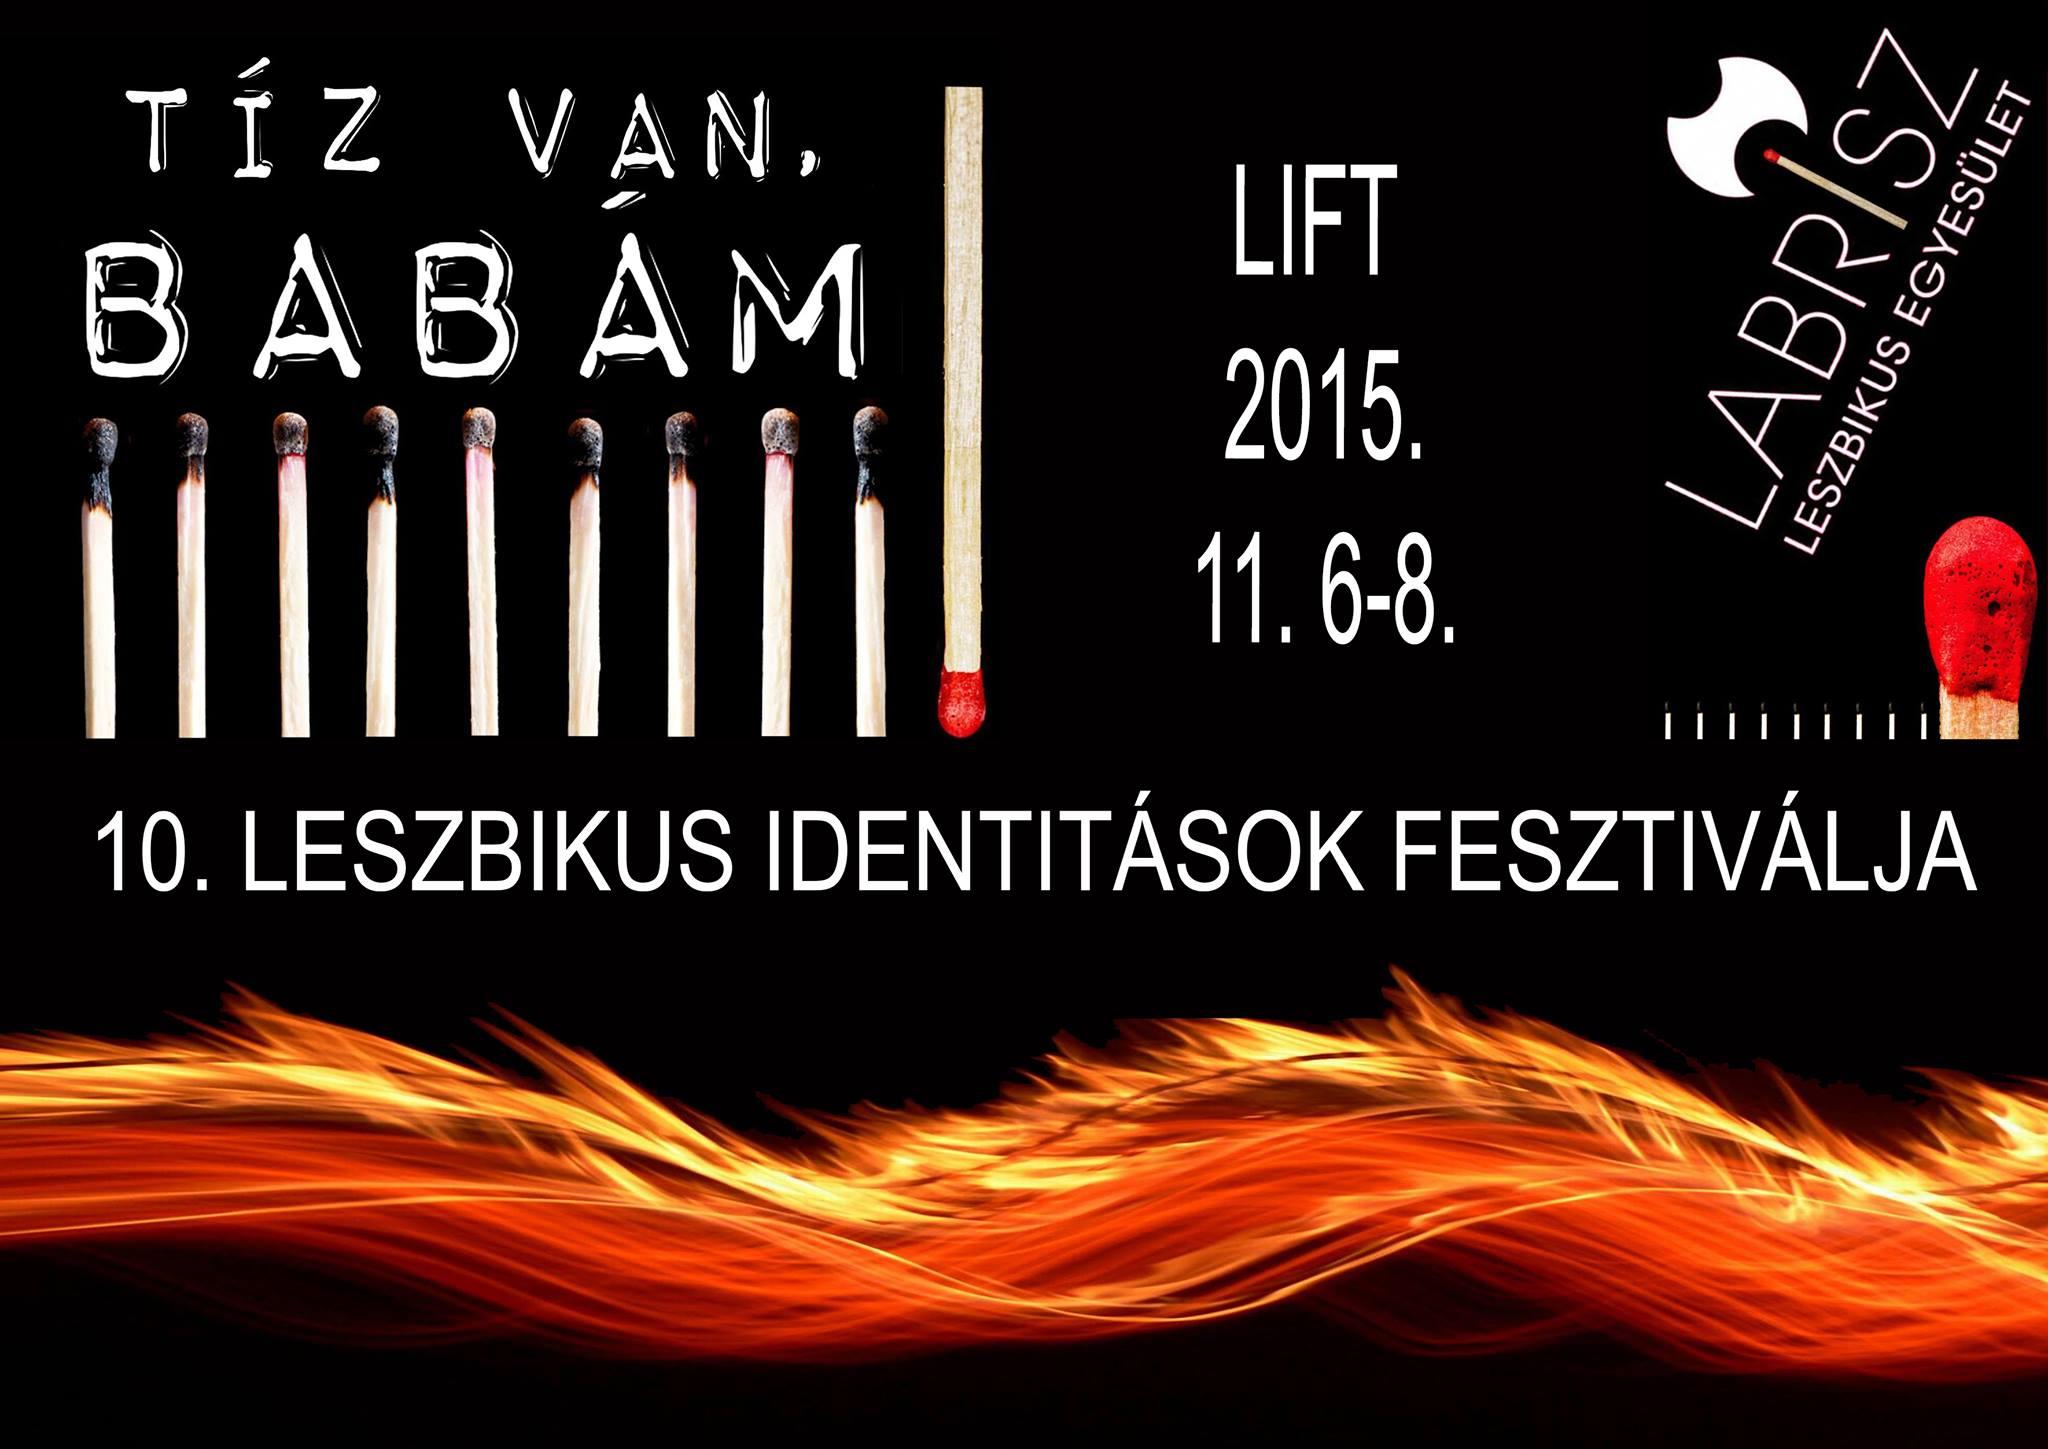 lift fesztivál 2015